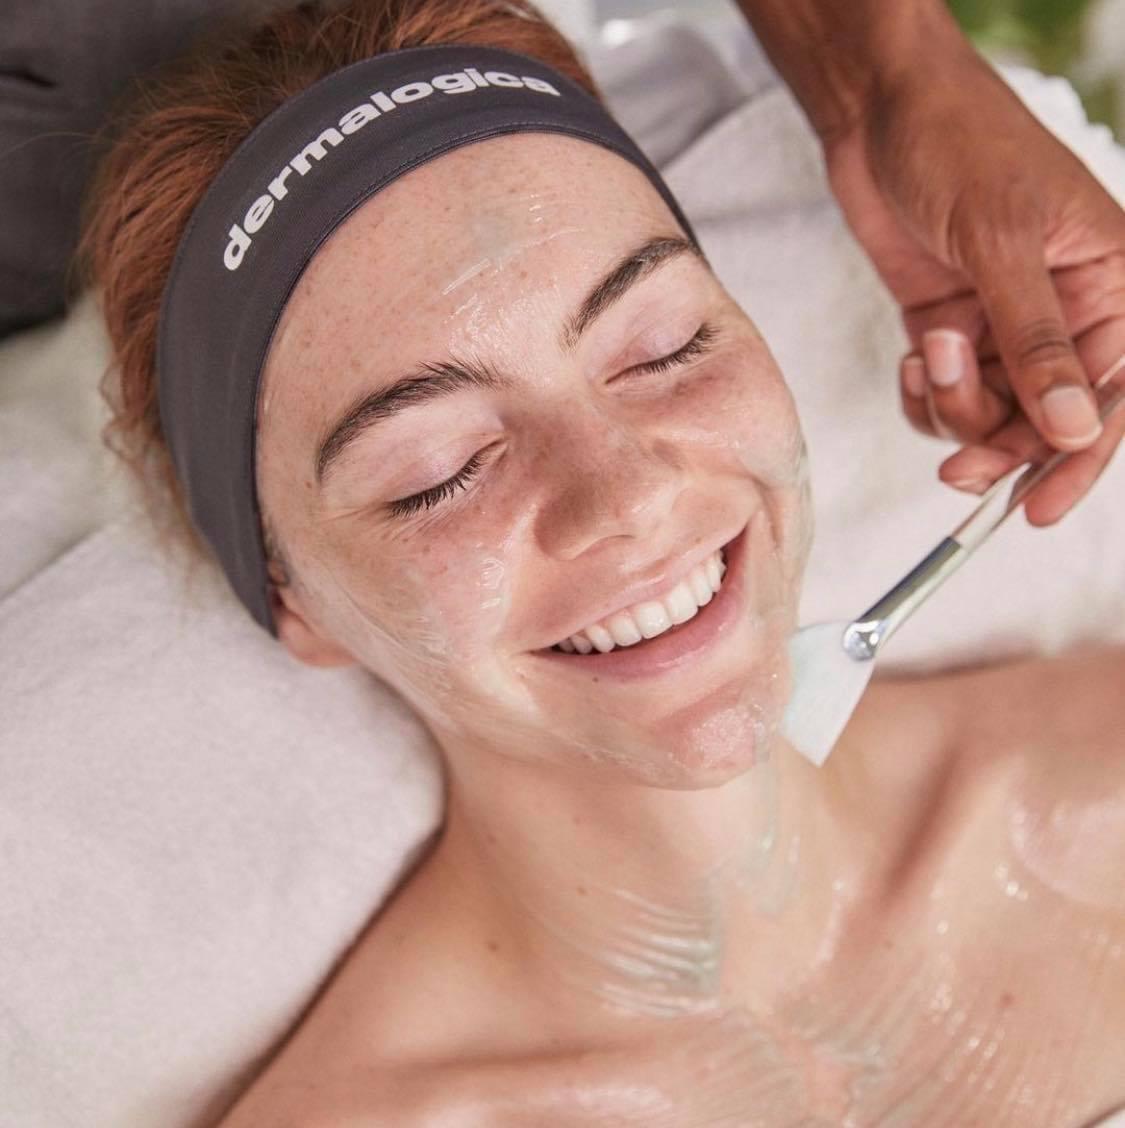 Grand Plaza Skin & Beauty Hydration Facial